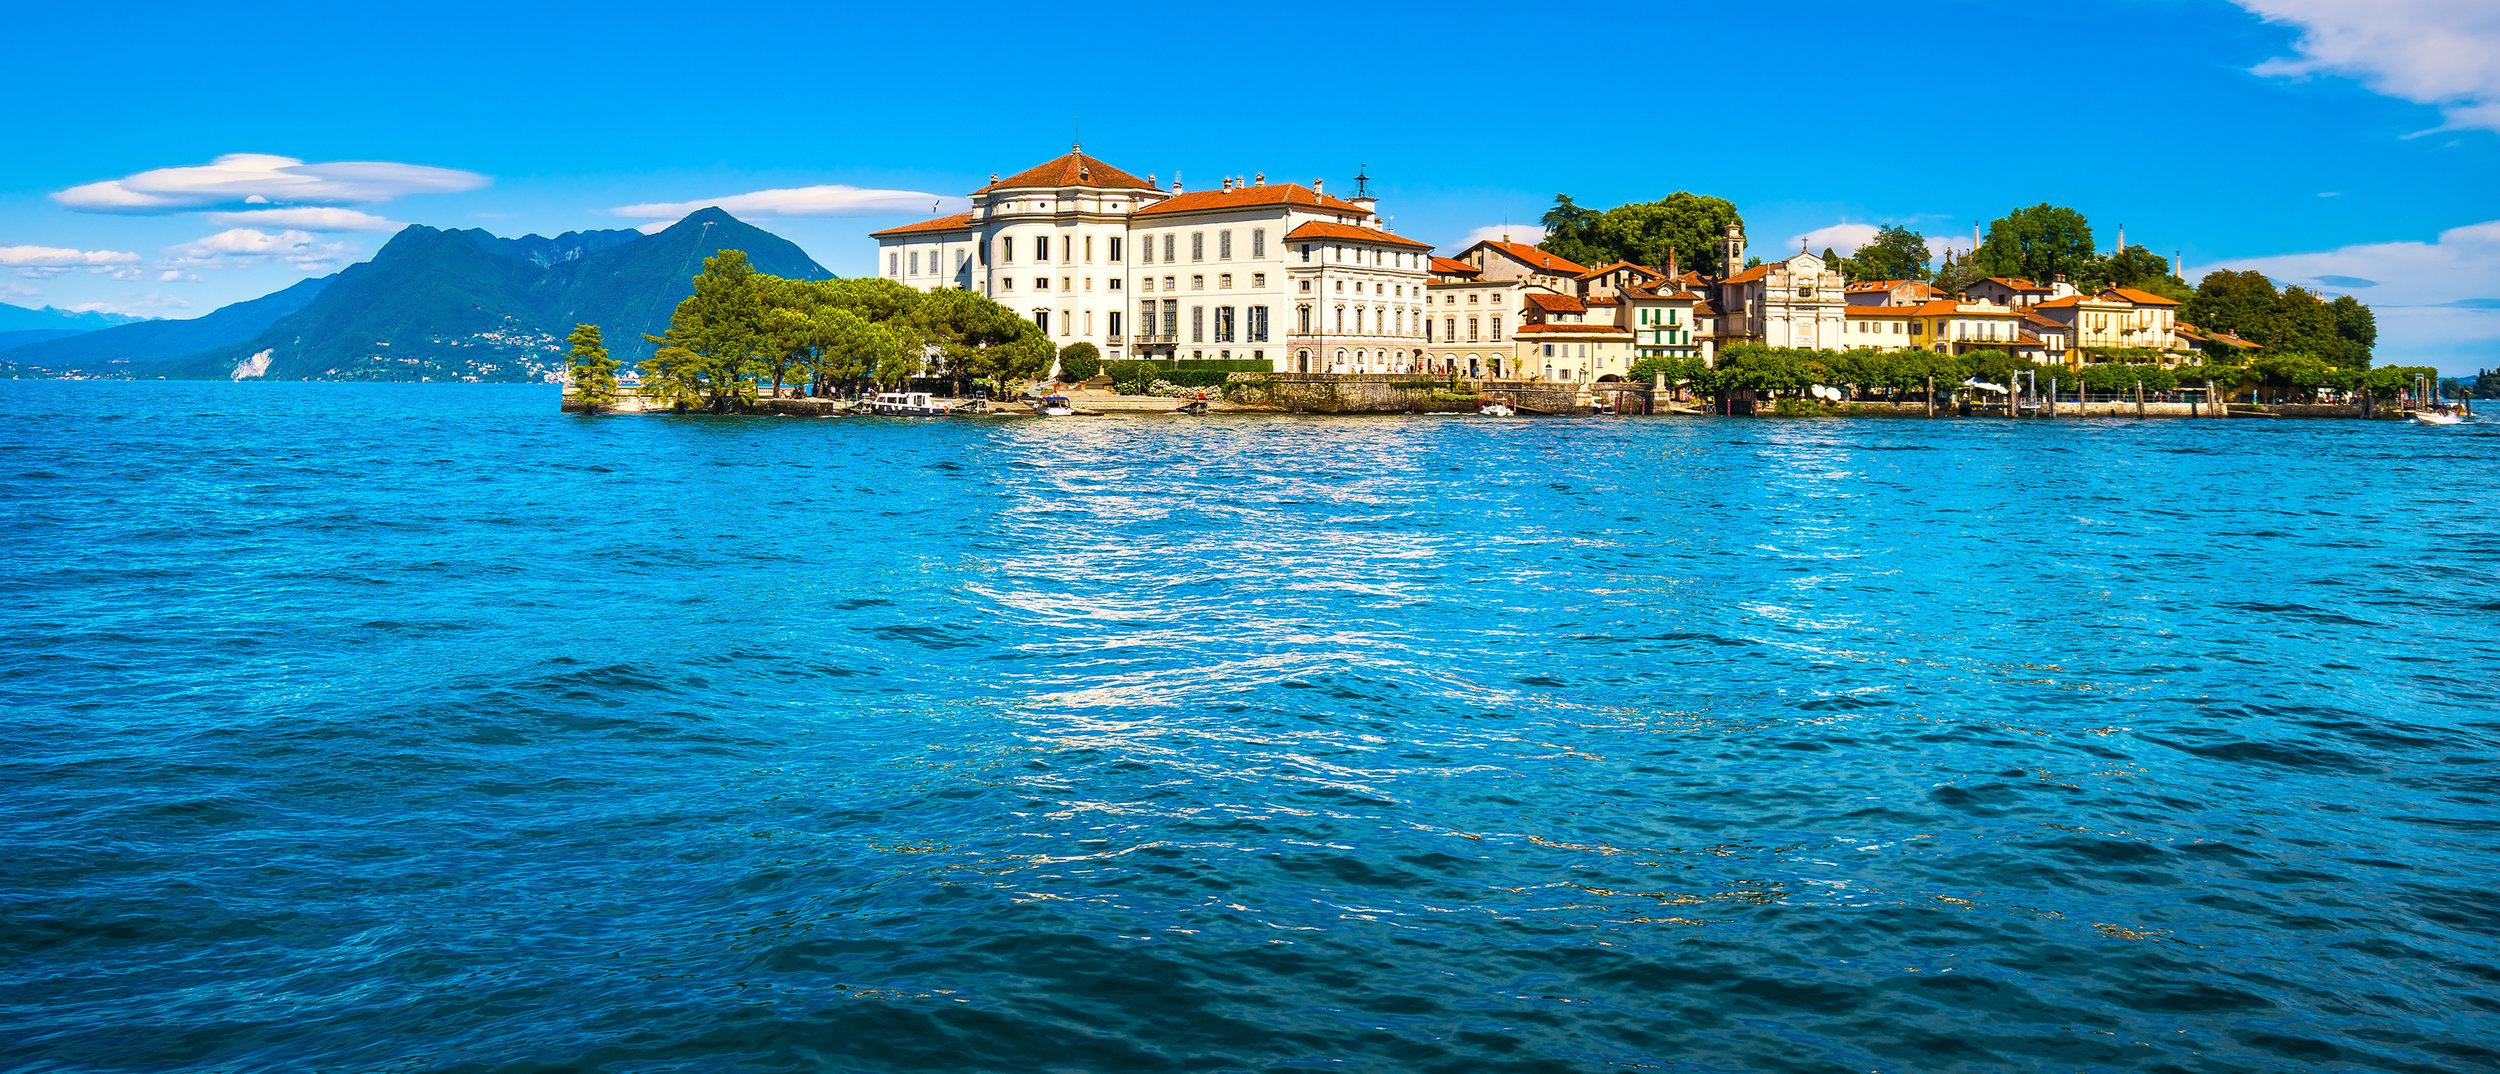 Lago Maggiore - Når sanser og kreativitet skal pirres